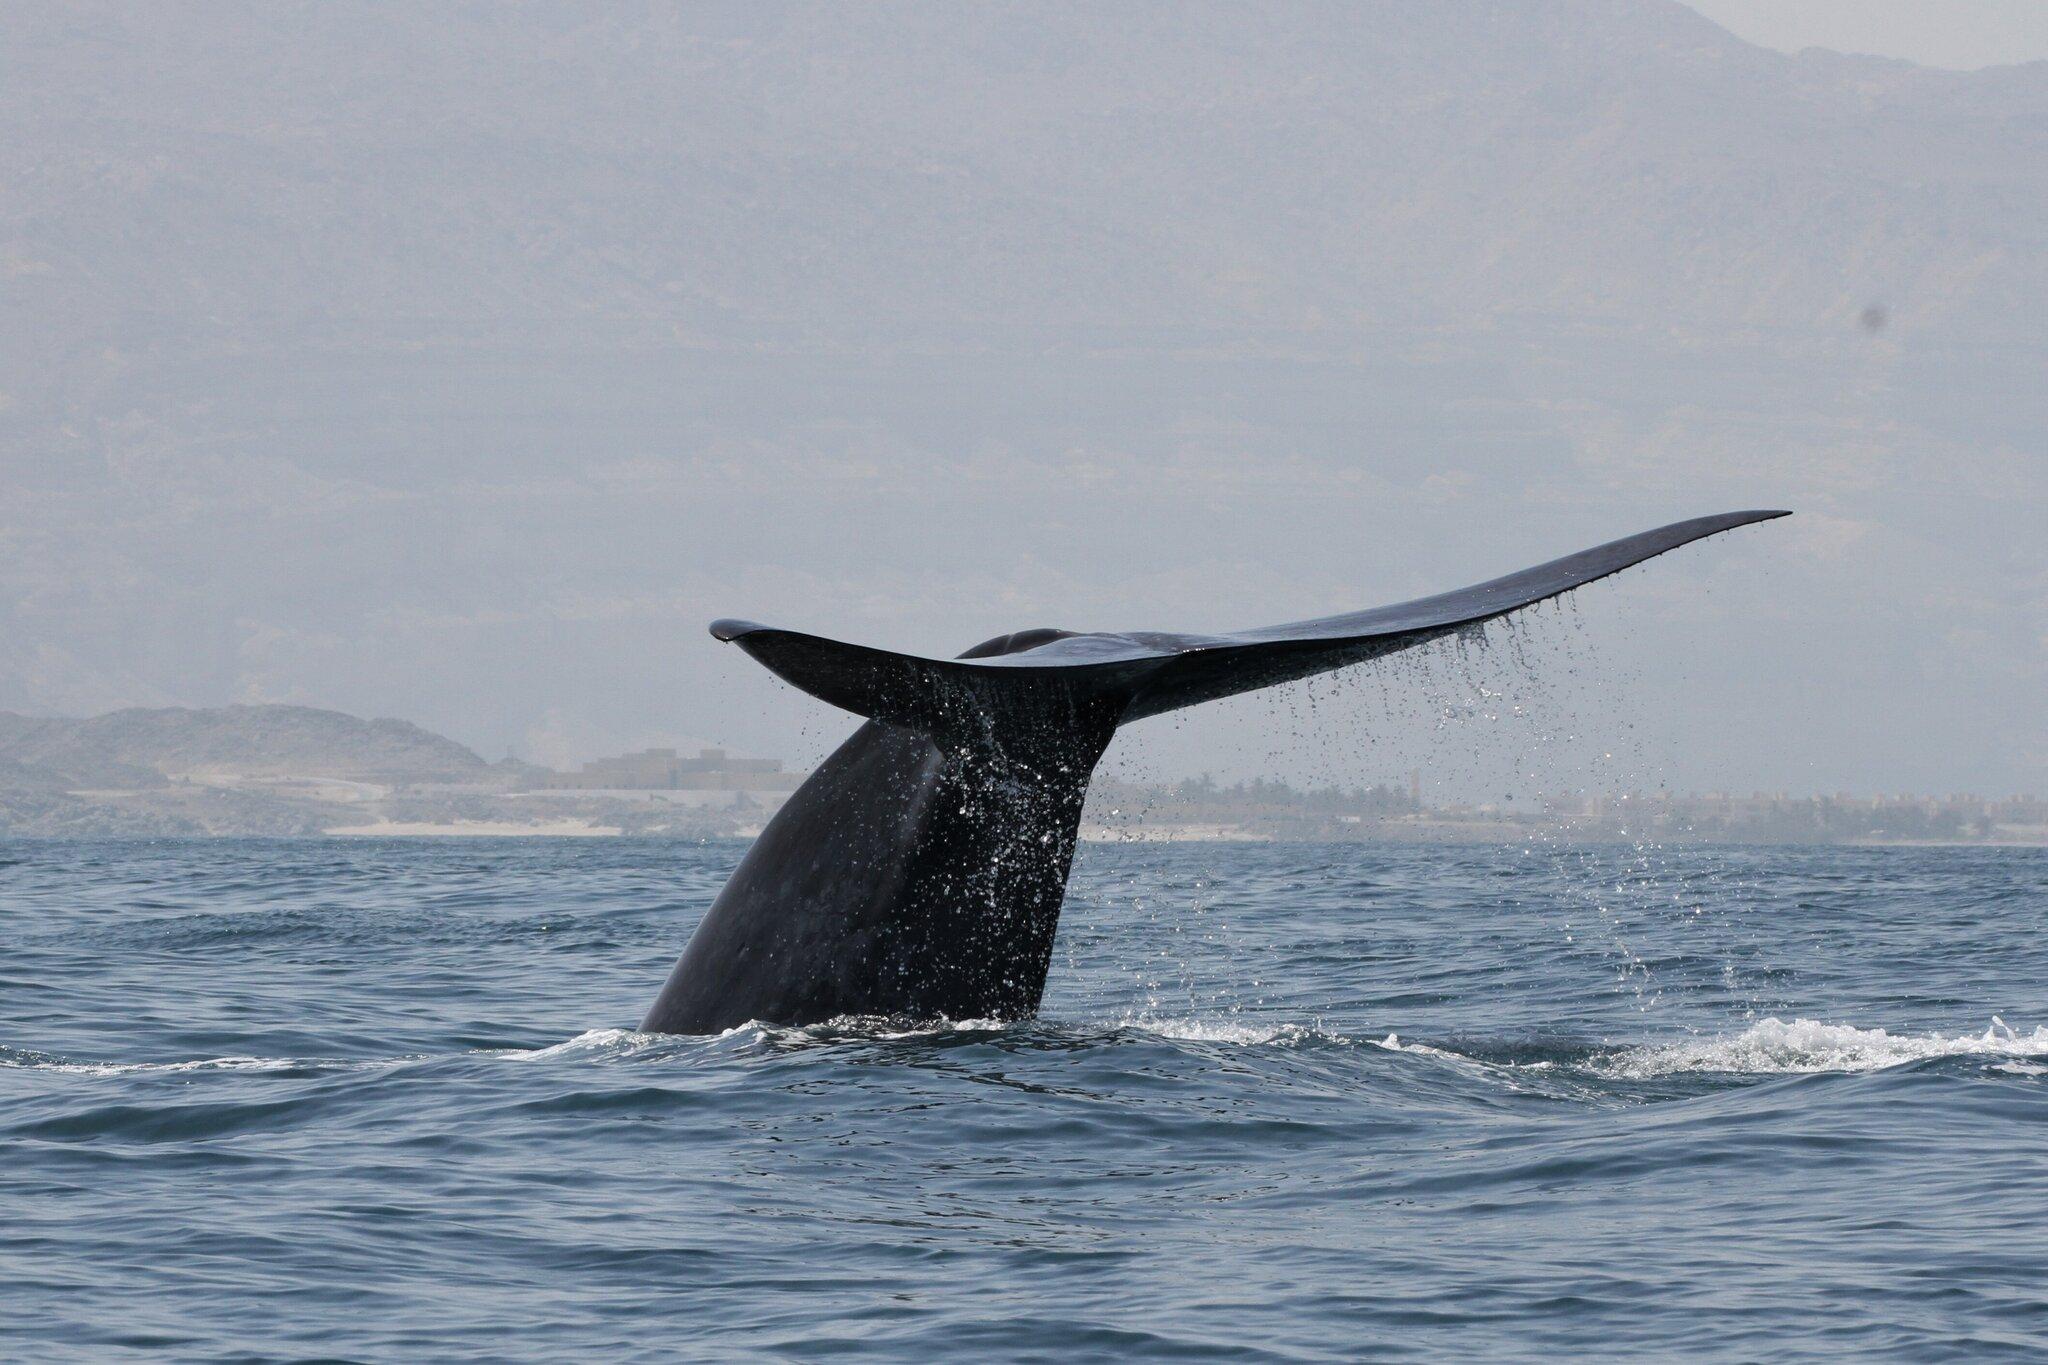 """Résultat de recherche d'images pour """"Cette nouvelle espèce de baleine décrite est déjà menacée d'extinction"""""""